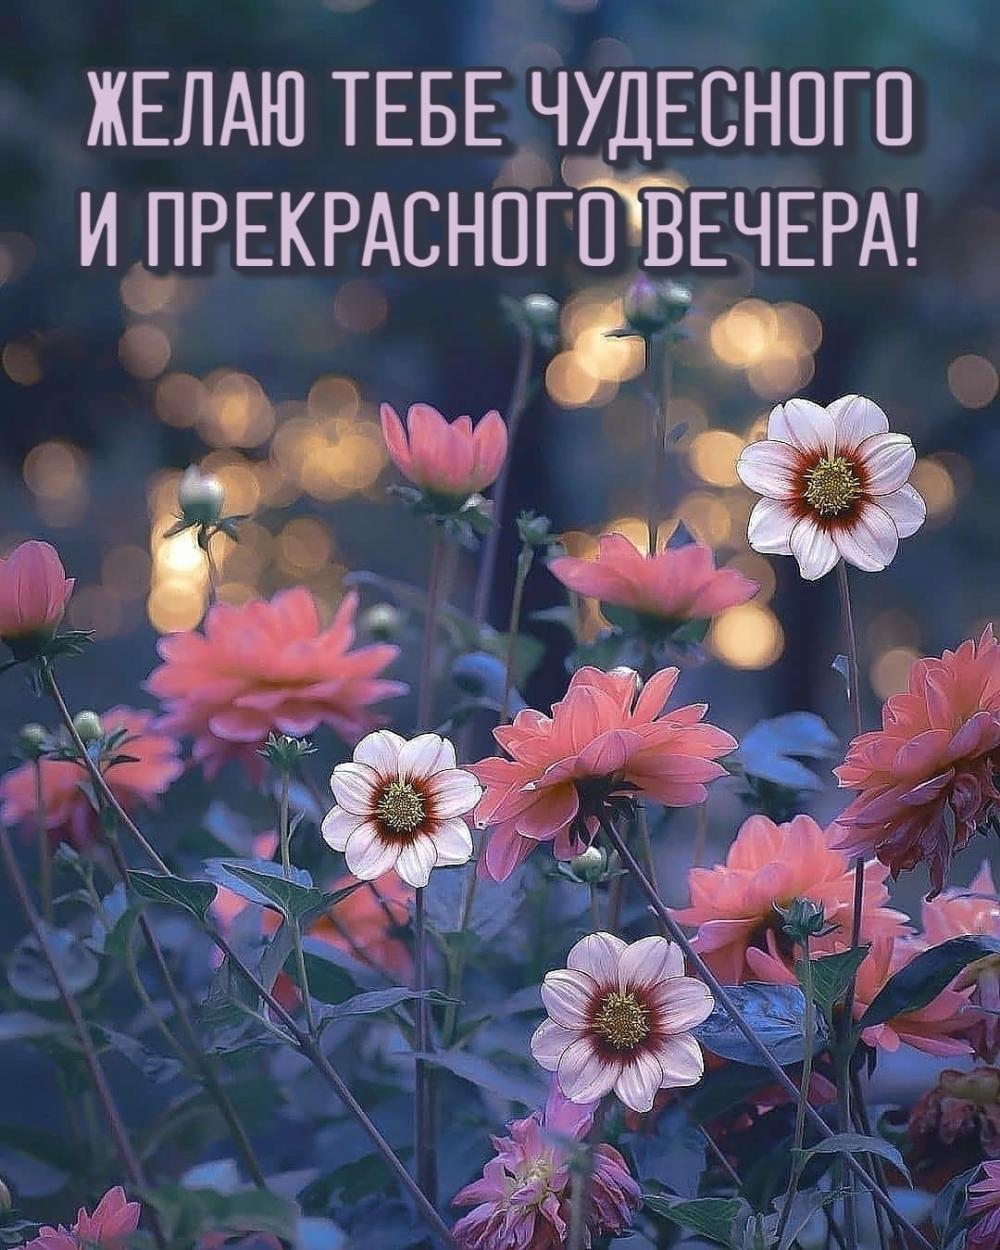 Желаю тебе чудесного и прекрасного вечера!